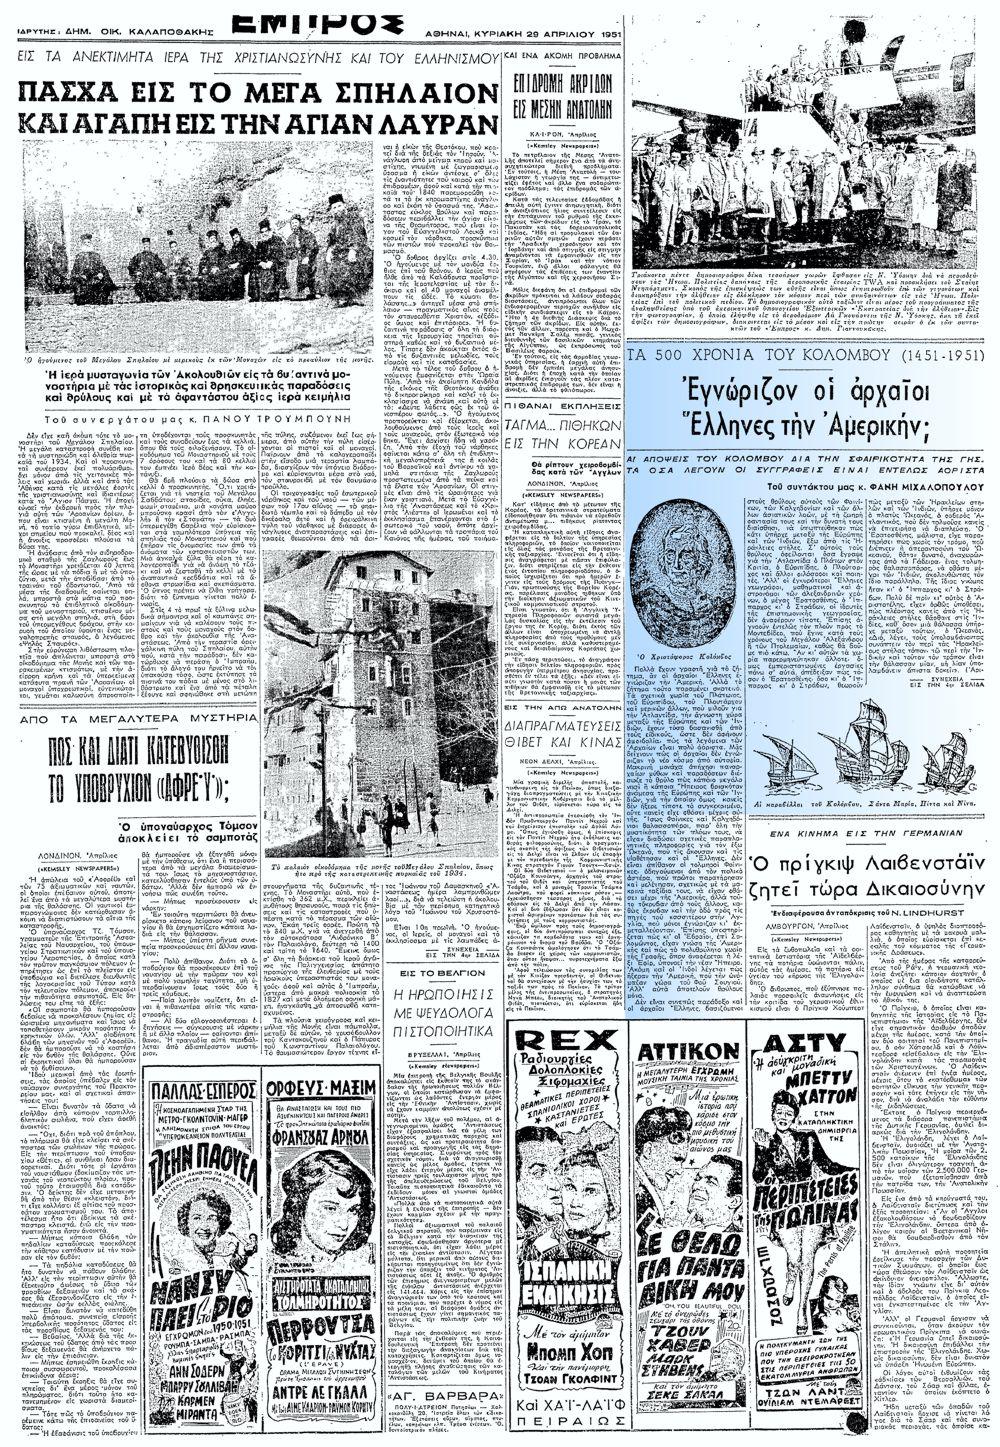 """Το άρθρο, όπως δημοσιεύθηκε στην εφημερίδα """"ΕΜΠΡΟΣ"""", στις 29/04/1951"""